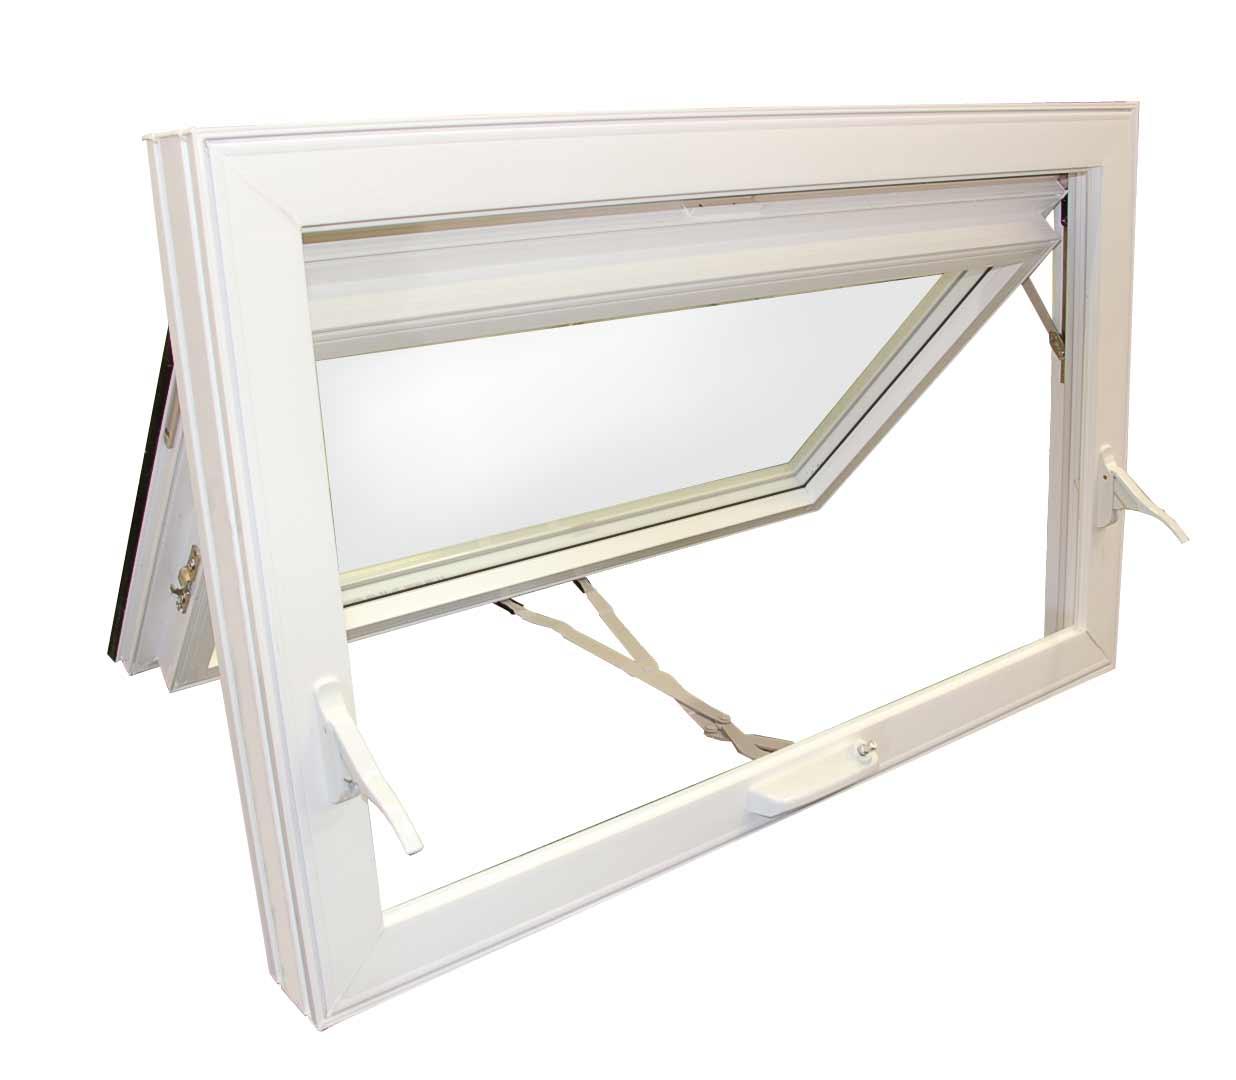 stylish white aluminum awning windows